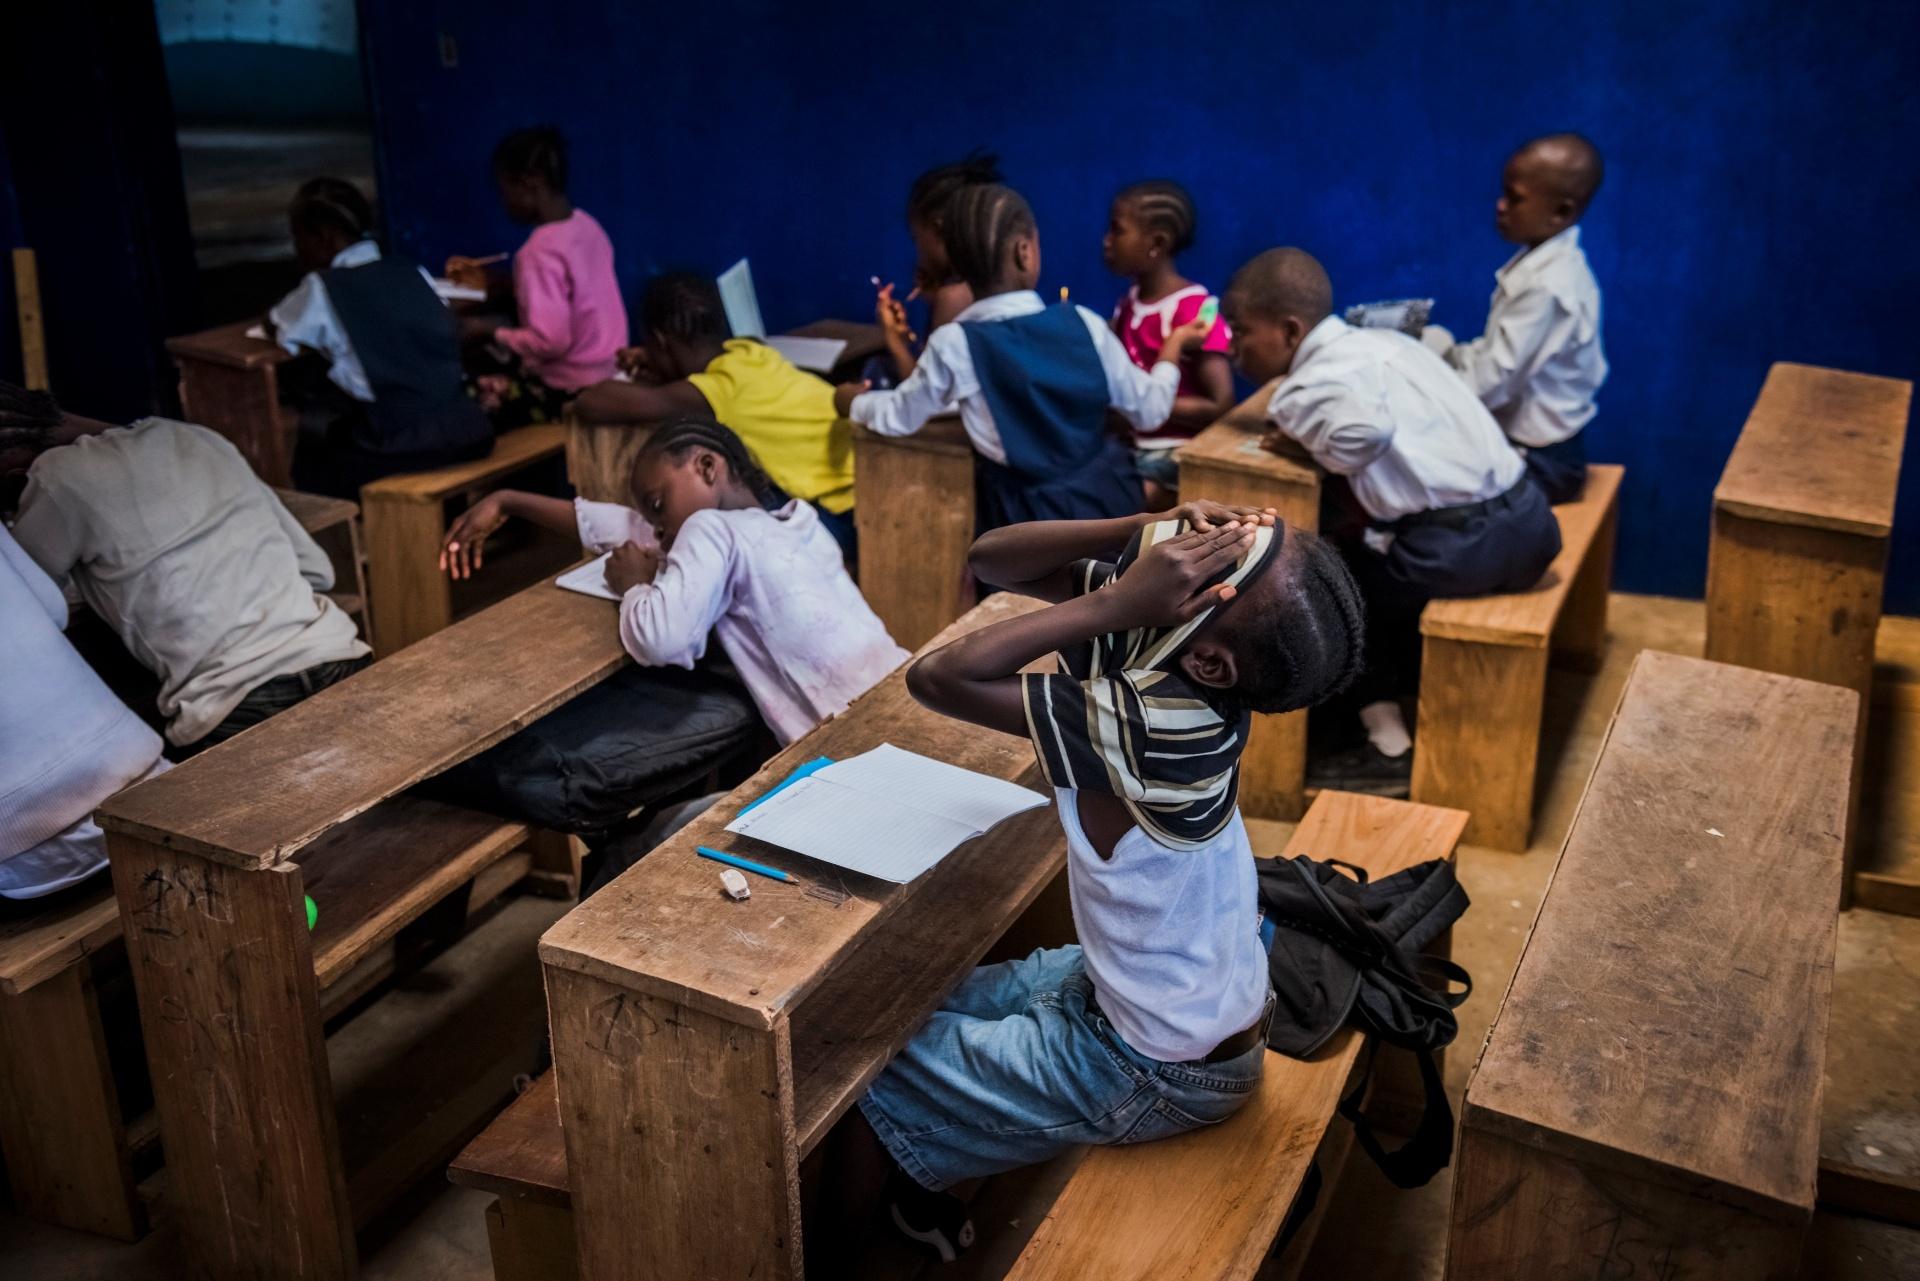 4.mar.2015 -  James Nyema, 9, cobre o rosto com a camiseta durante uma aula destinada aos alunos de primeira e segunda séries. A aula mista aconteceu devido à falta de uma das professoras na escola C.D.B. King, em Monrovia, na Libéria